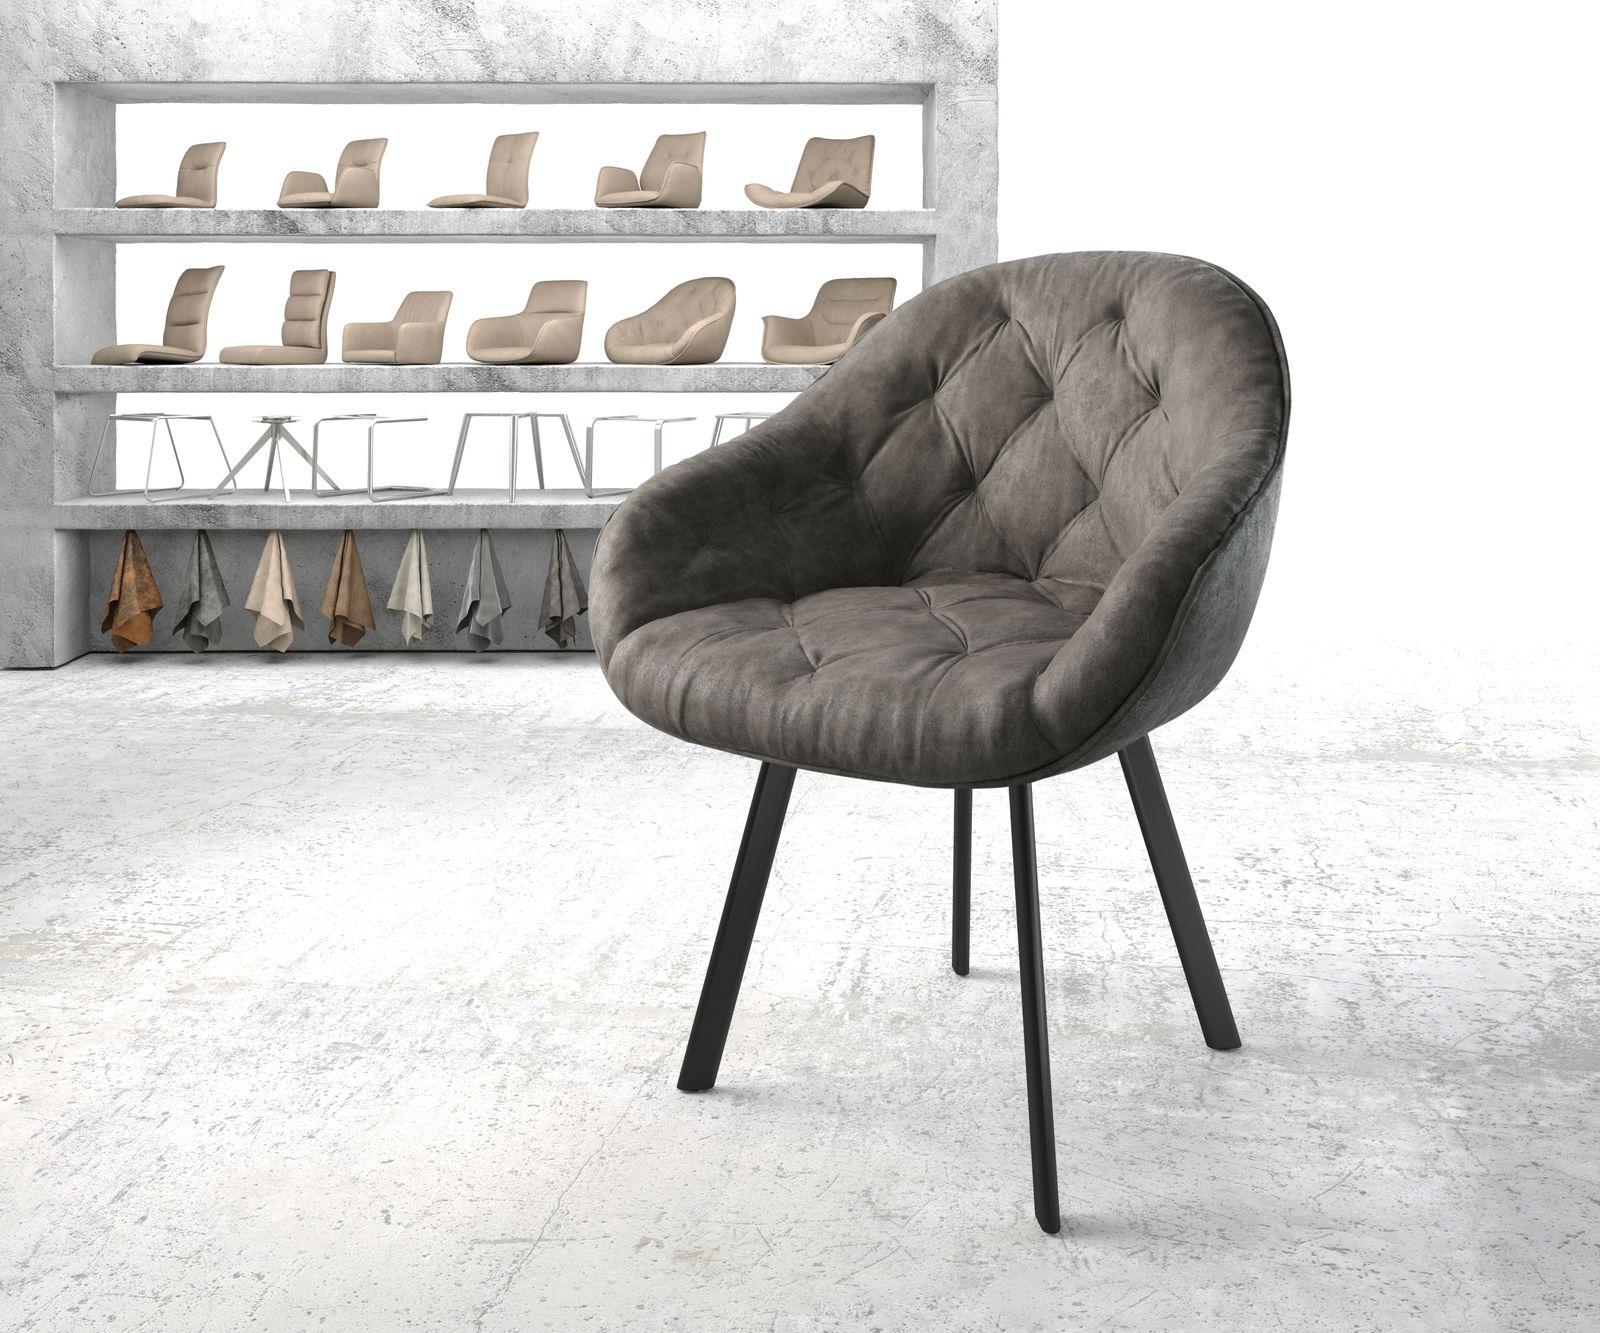 delife-armlehnstuhl-gaio-flex-anthrazit-vintage-4-fu-oval-schwarz-esszimmerstuhle